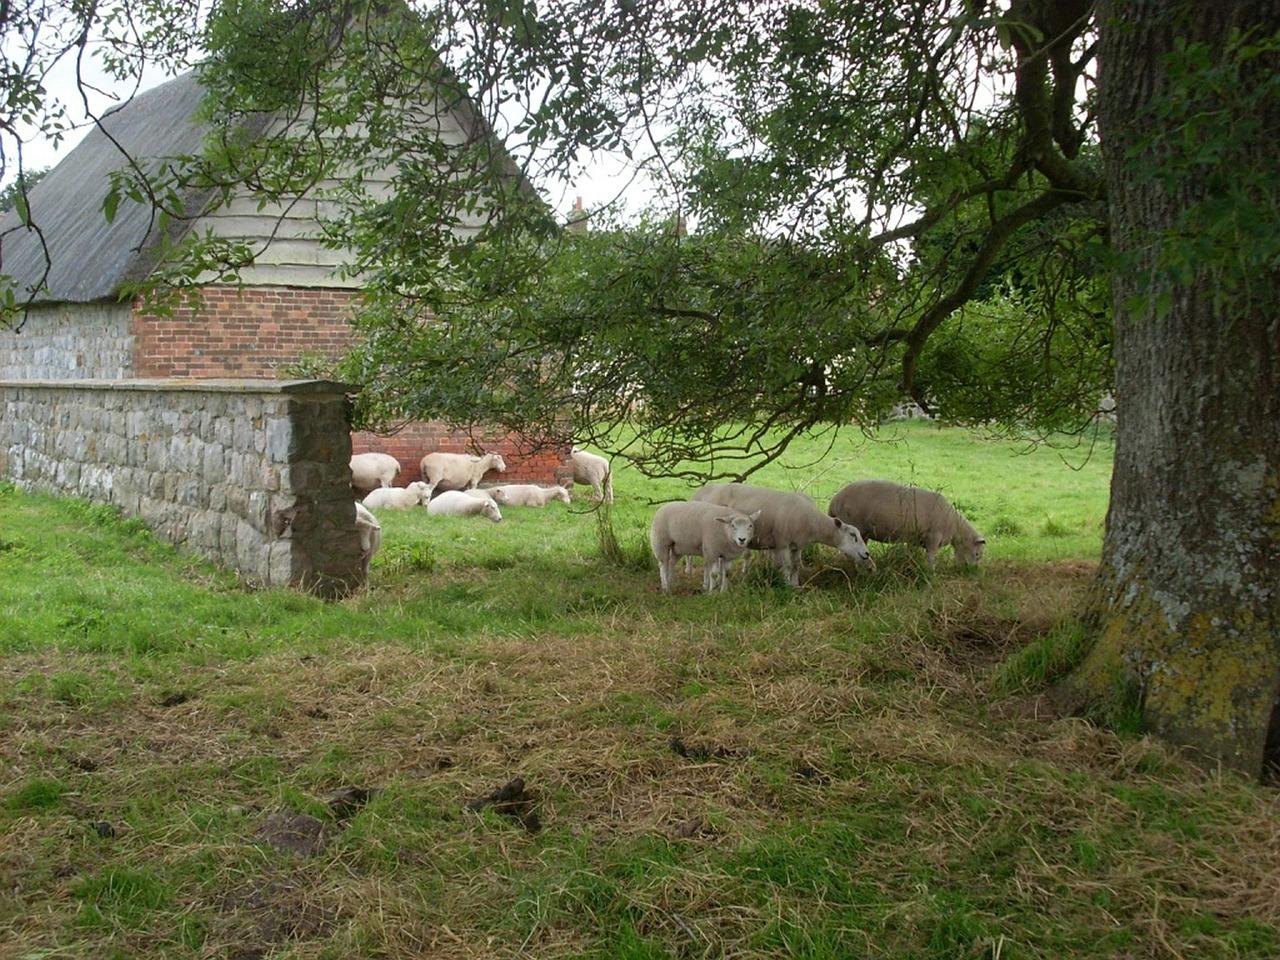 Schafe am Stall - Selbstversorger Tierhaltung